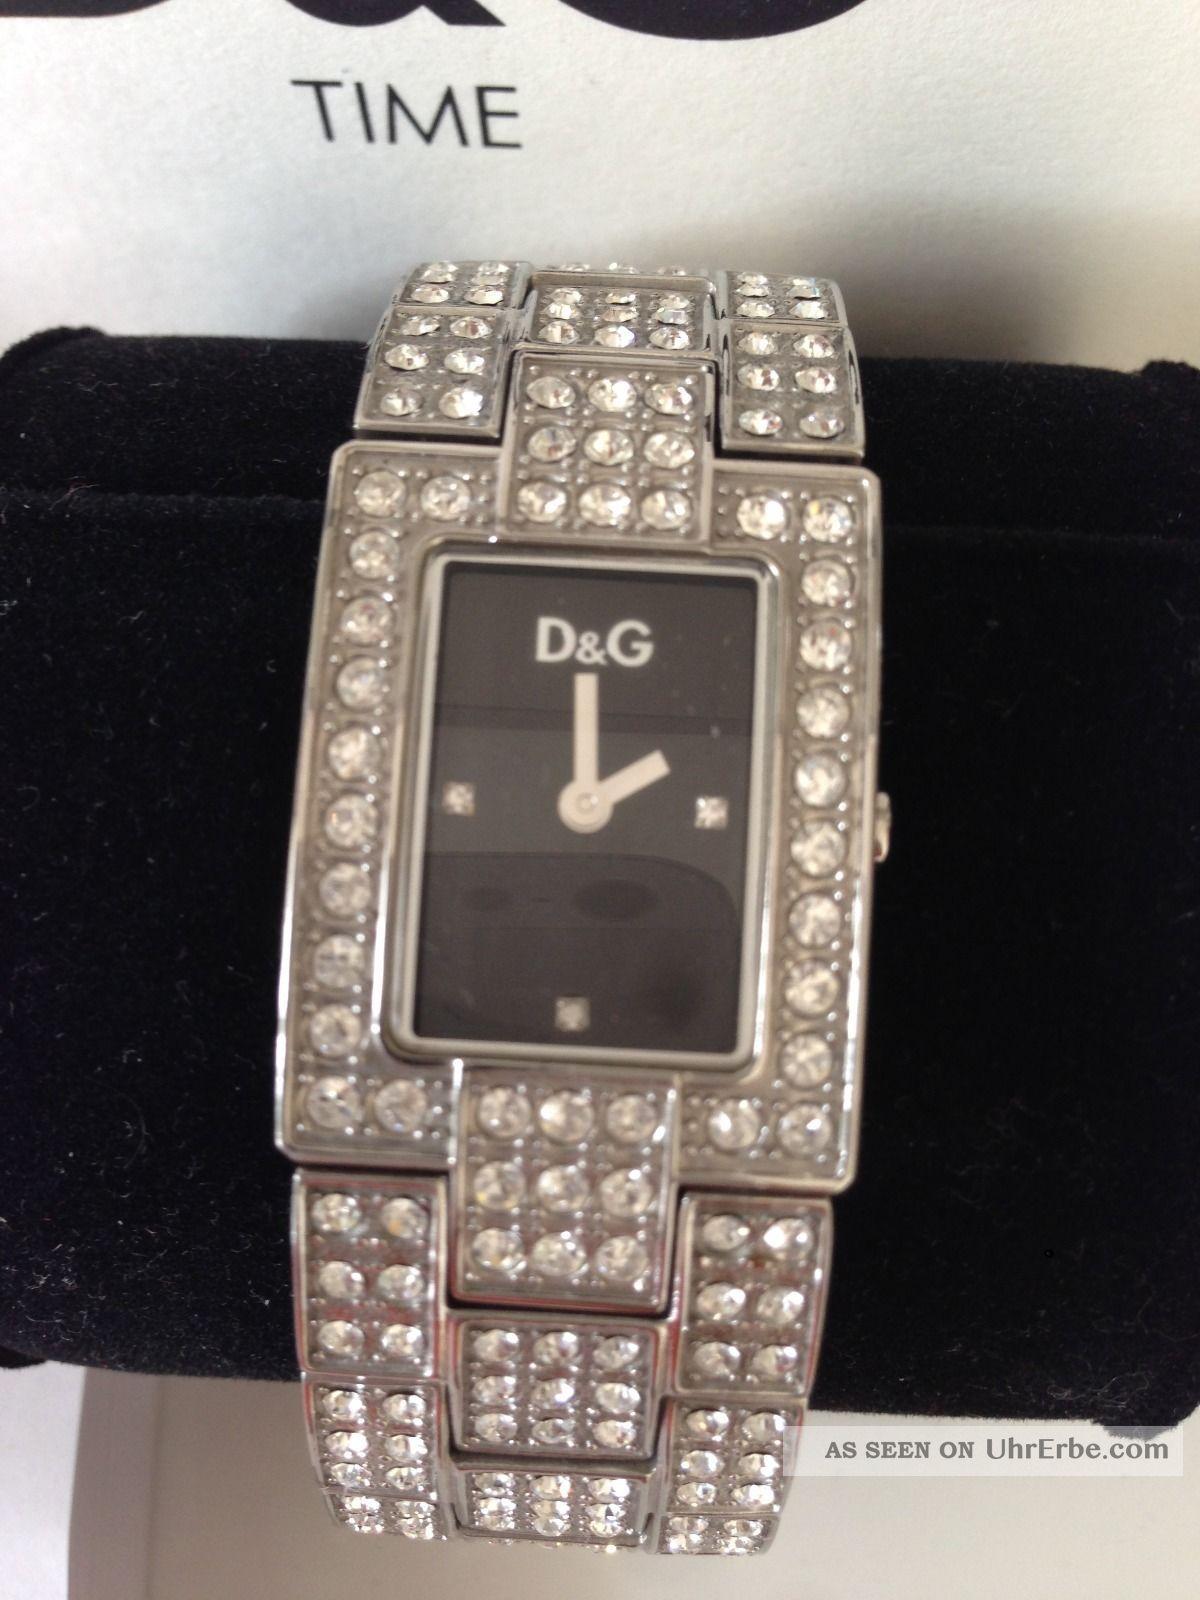 Armband Mit Dolceamp; Etui Luxus amp;g Silber Pur Uhr Strass Gabbana D iuTOPXwkZ